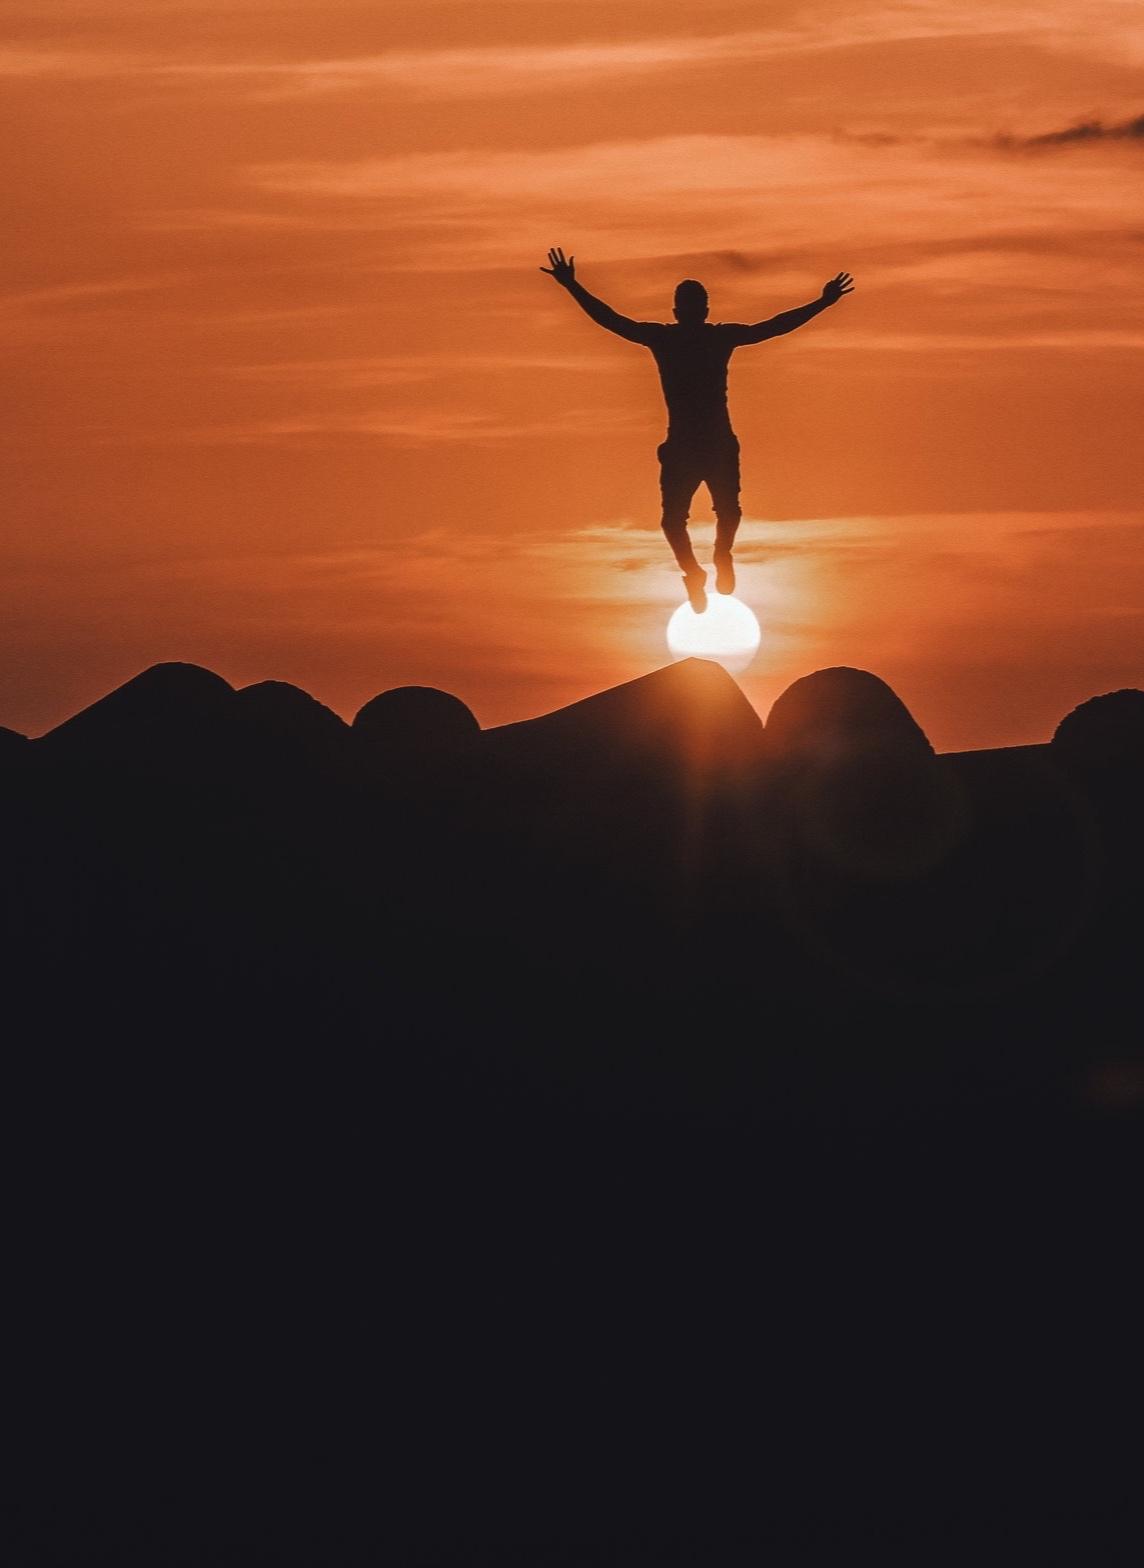 ¿Para quién están destinados? - Personas con ganas de superarse y transformarse en su mejor versiónPersonas que quieren las mejores herramientas para hacer frente a los retosPersonas que quieren aprender a hacer de su mente su aliada y no su enemigaPersonas con ganas de vivir con propósito y actuar conforme a élPersonas que quieran aprender a manejar mejor el estrés y no dejar que les frenePersonas que quieran construir hábitos que les ayuden a disfrutar más de la vida, estar más presentes y aumentar su bienestarPersonas que quieran transformar su dolor en poder y dejar su huella